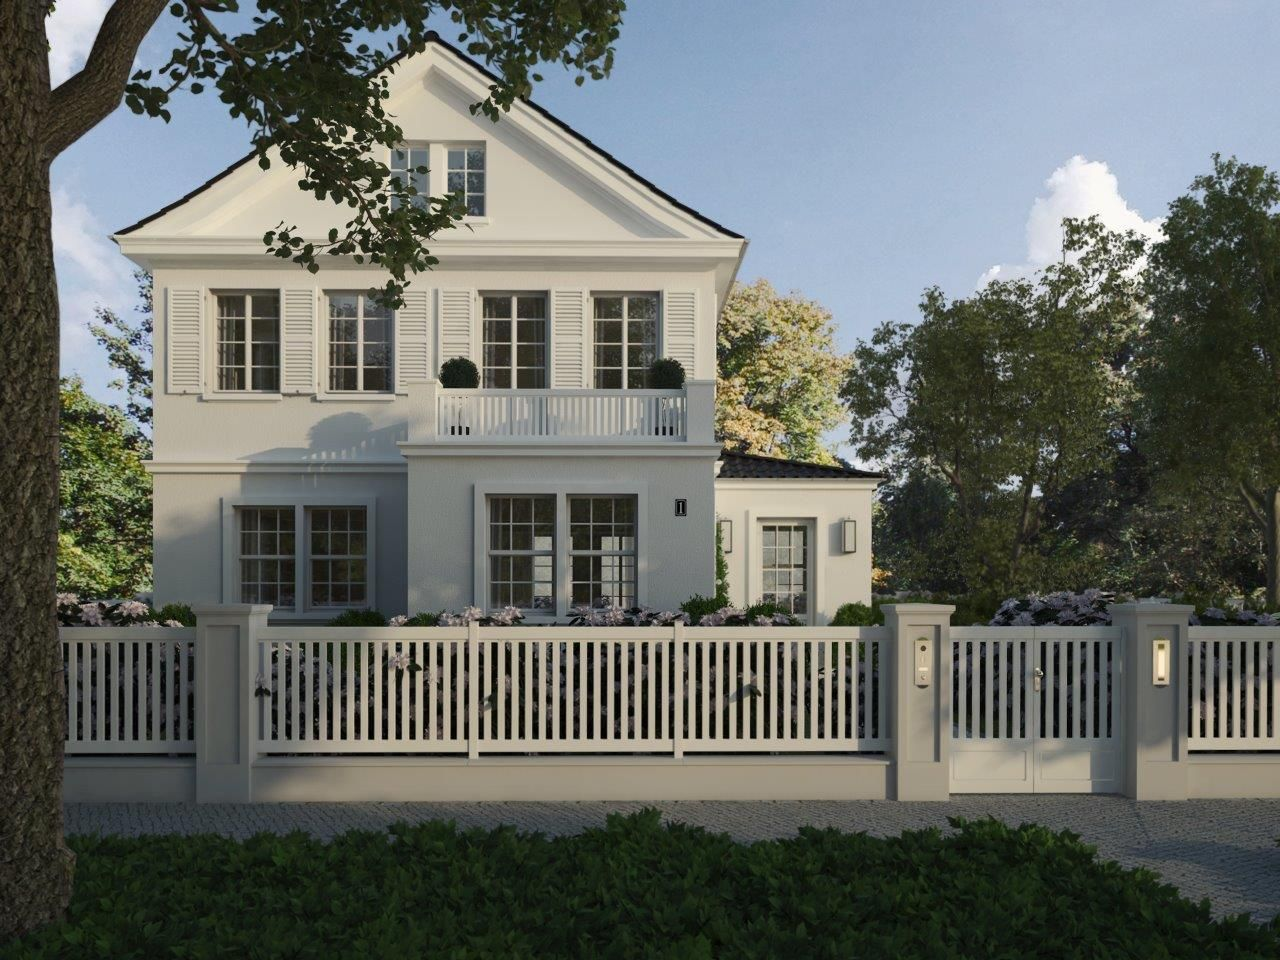 villa amalia frontalansicht von der stra e aus ein wundersch nes schlichtes einfamilienhaus. Black Bedroom Furniture Sets. Home Design Ideas